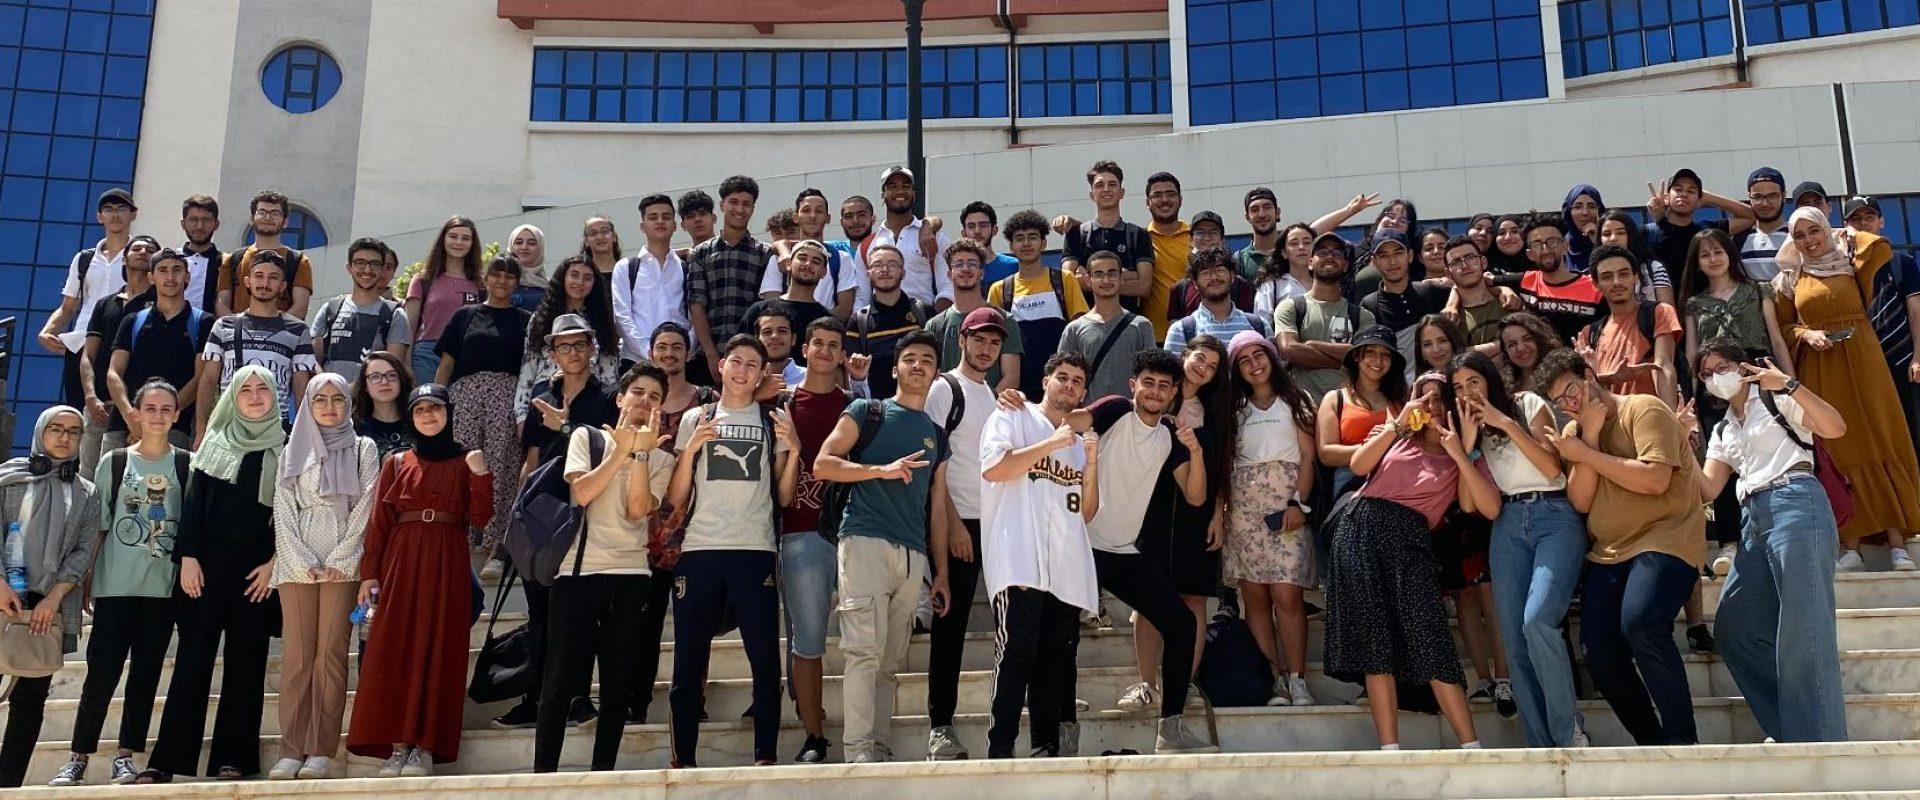 École supérieure en sciences et technologies de l'informatique et du numérique